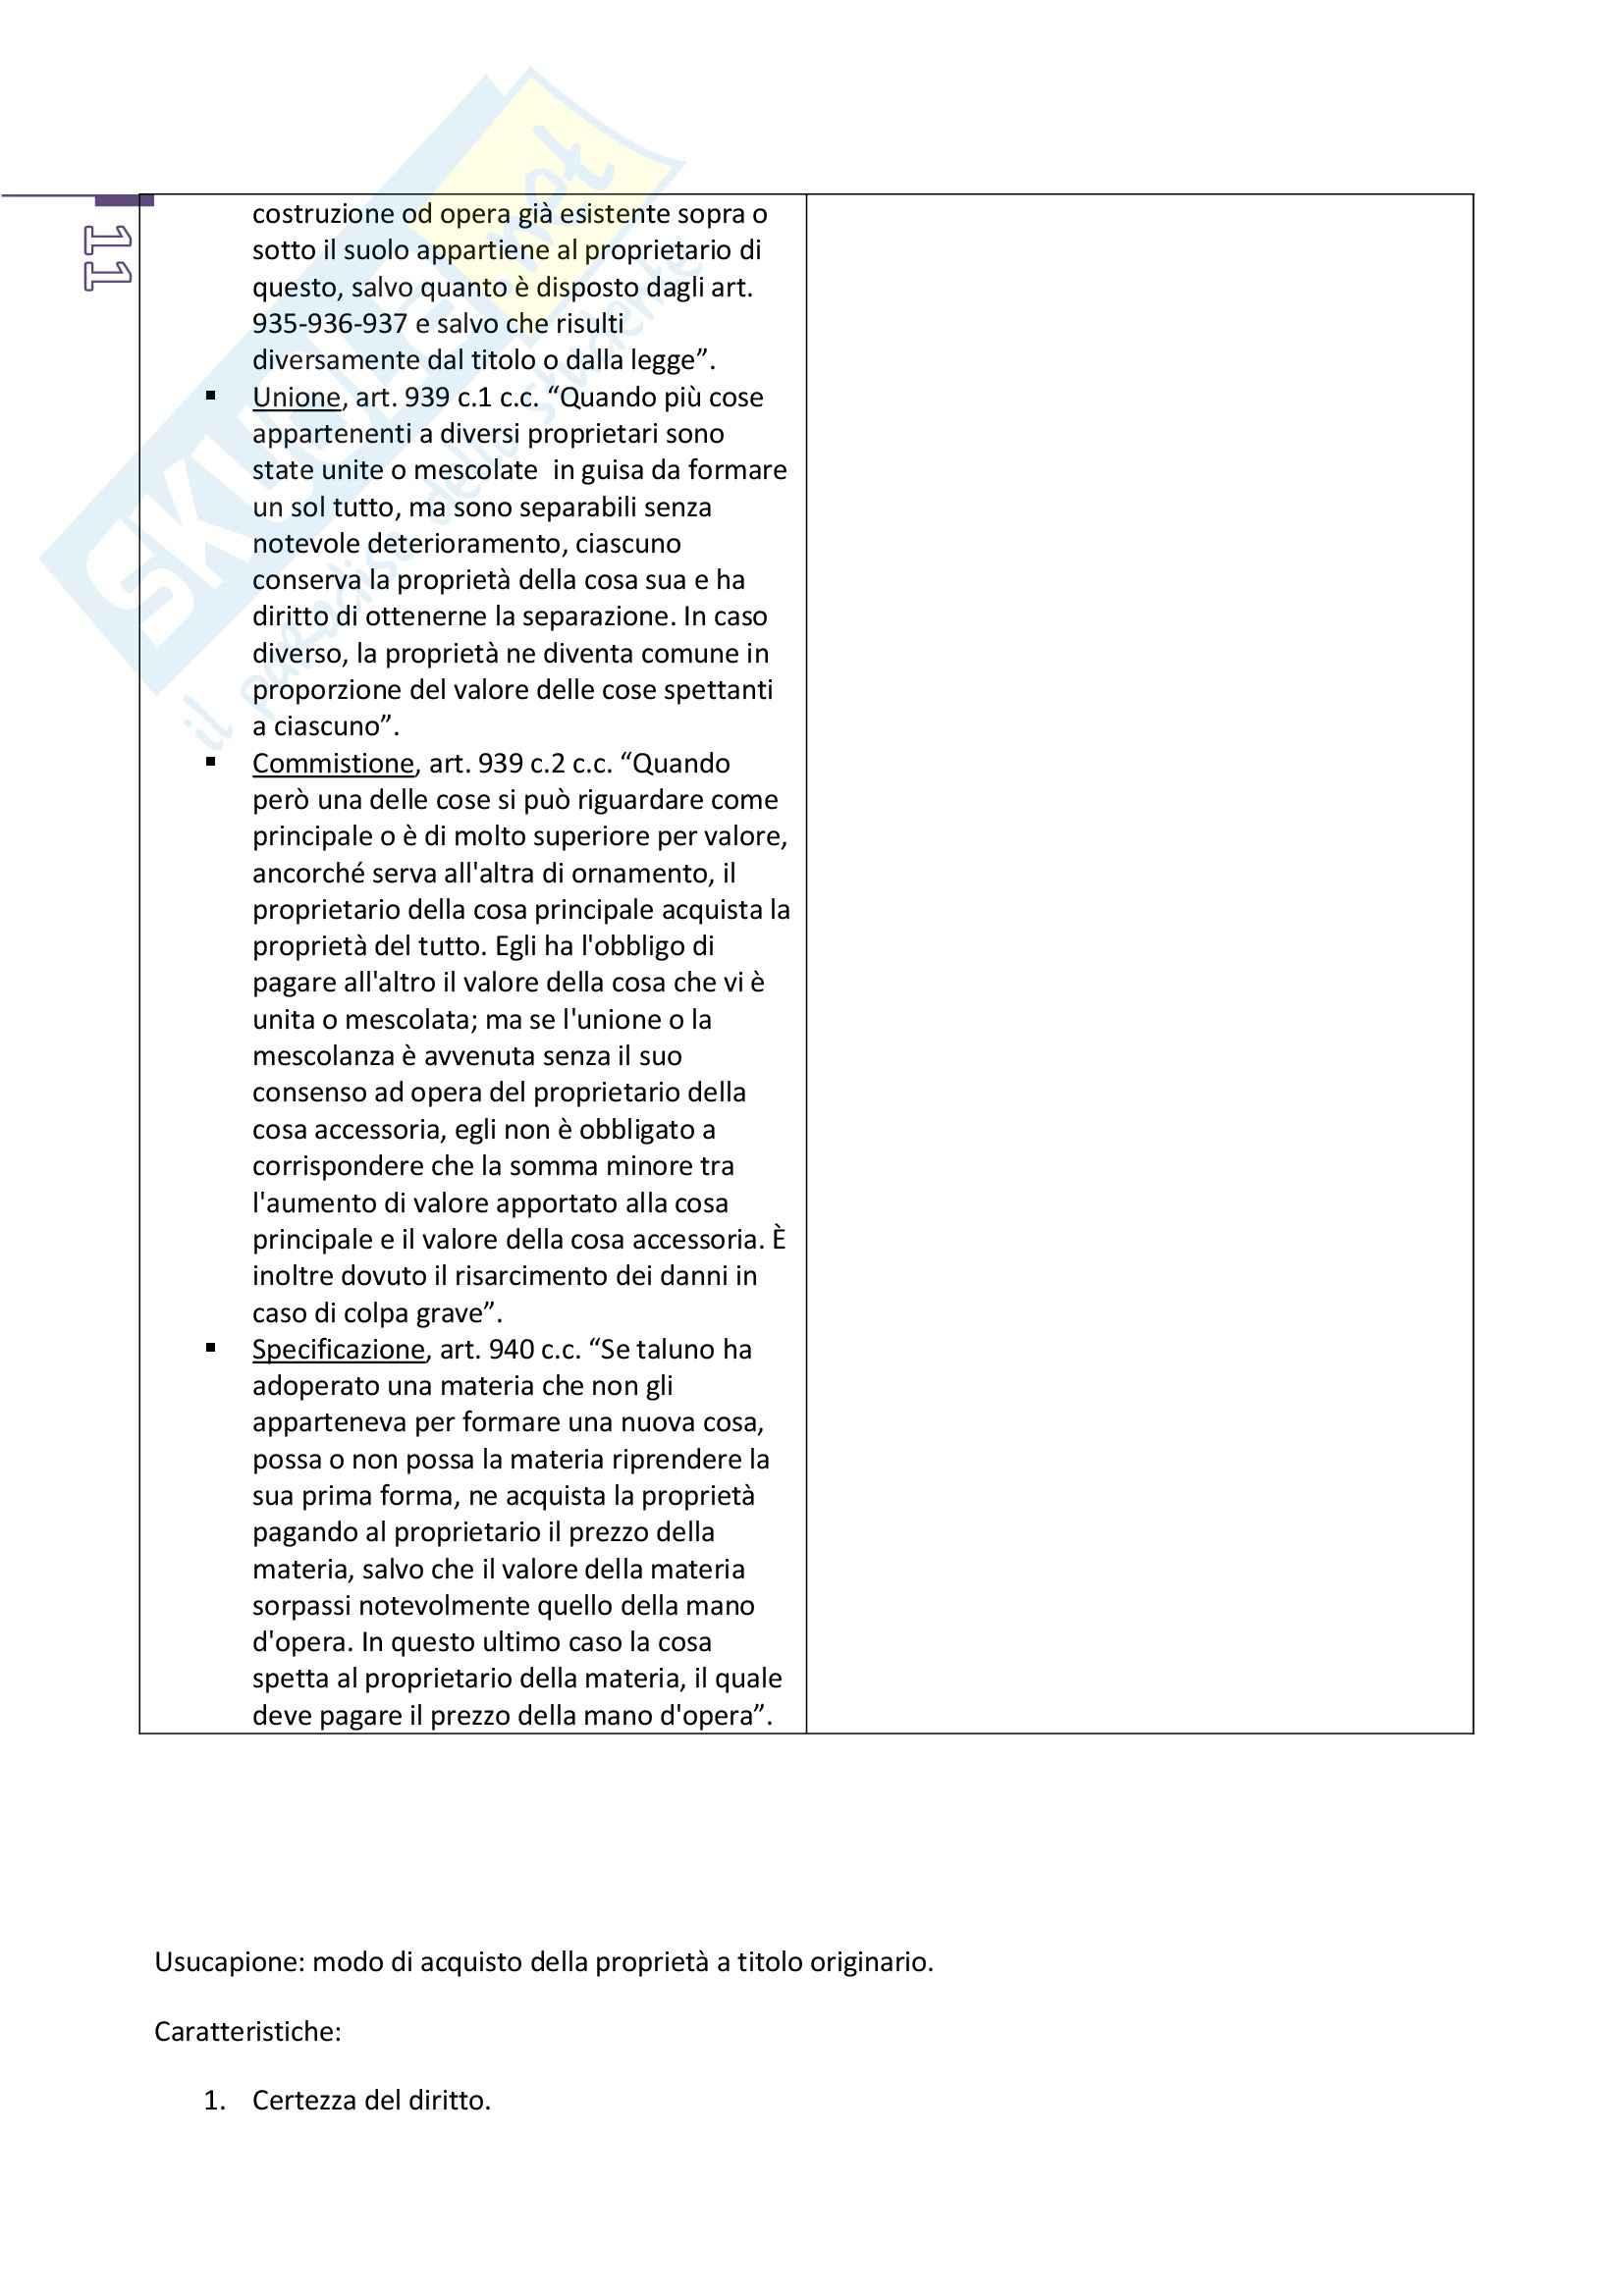 Appunti di diritto privato 2, prof. Benacchio (unitn) Pag. 11